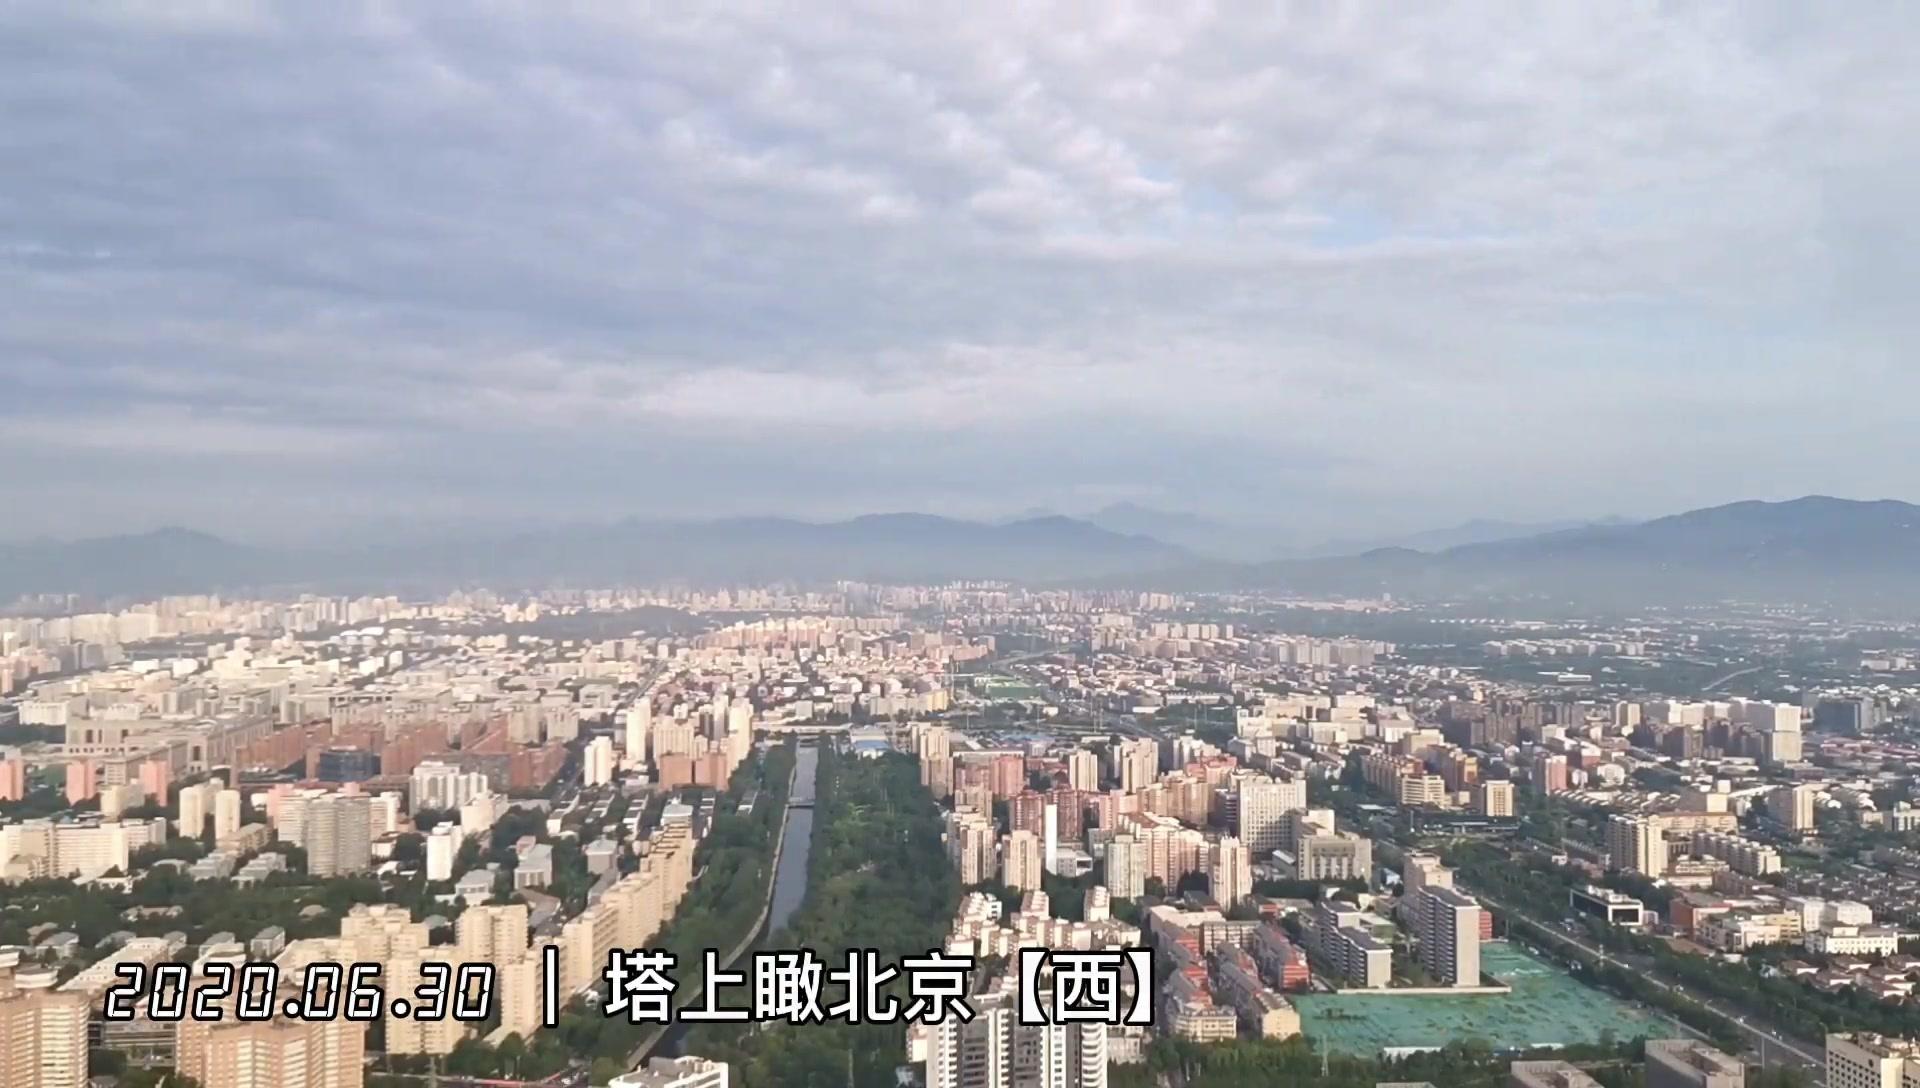 六月最后一天P40pro4K延时感受北京的早晨,花粉随手拍-花粉俱乐部